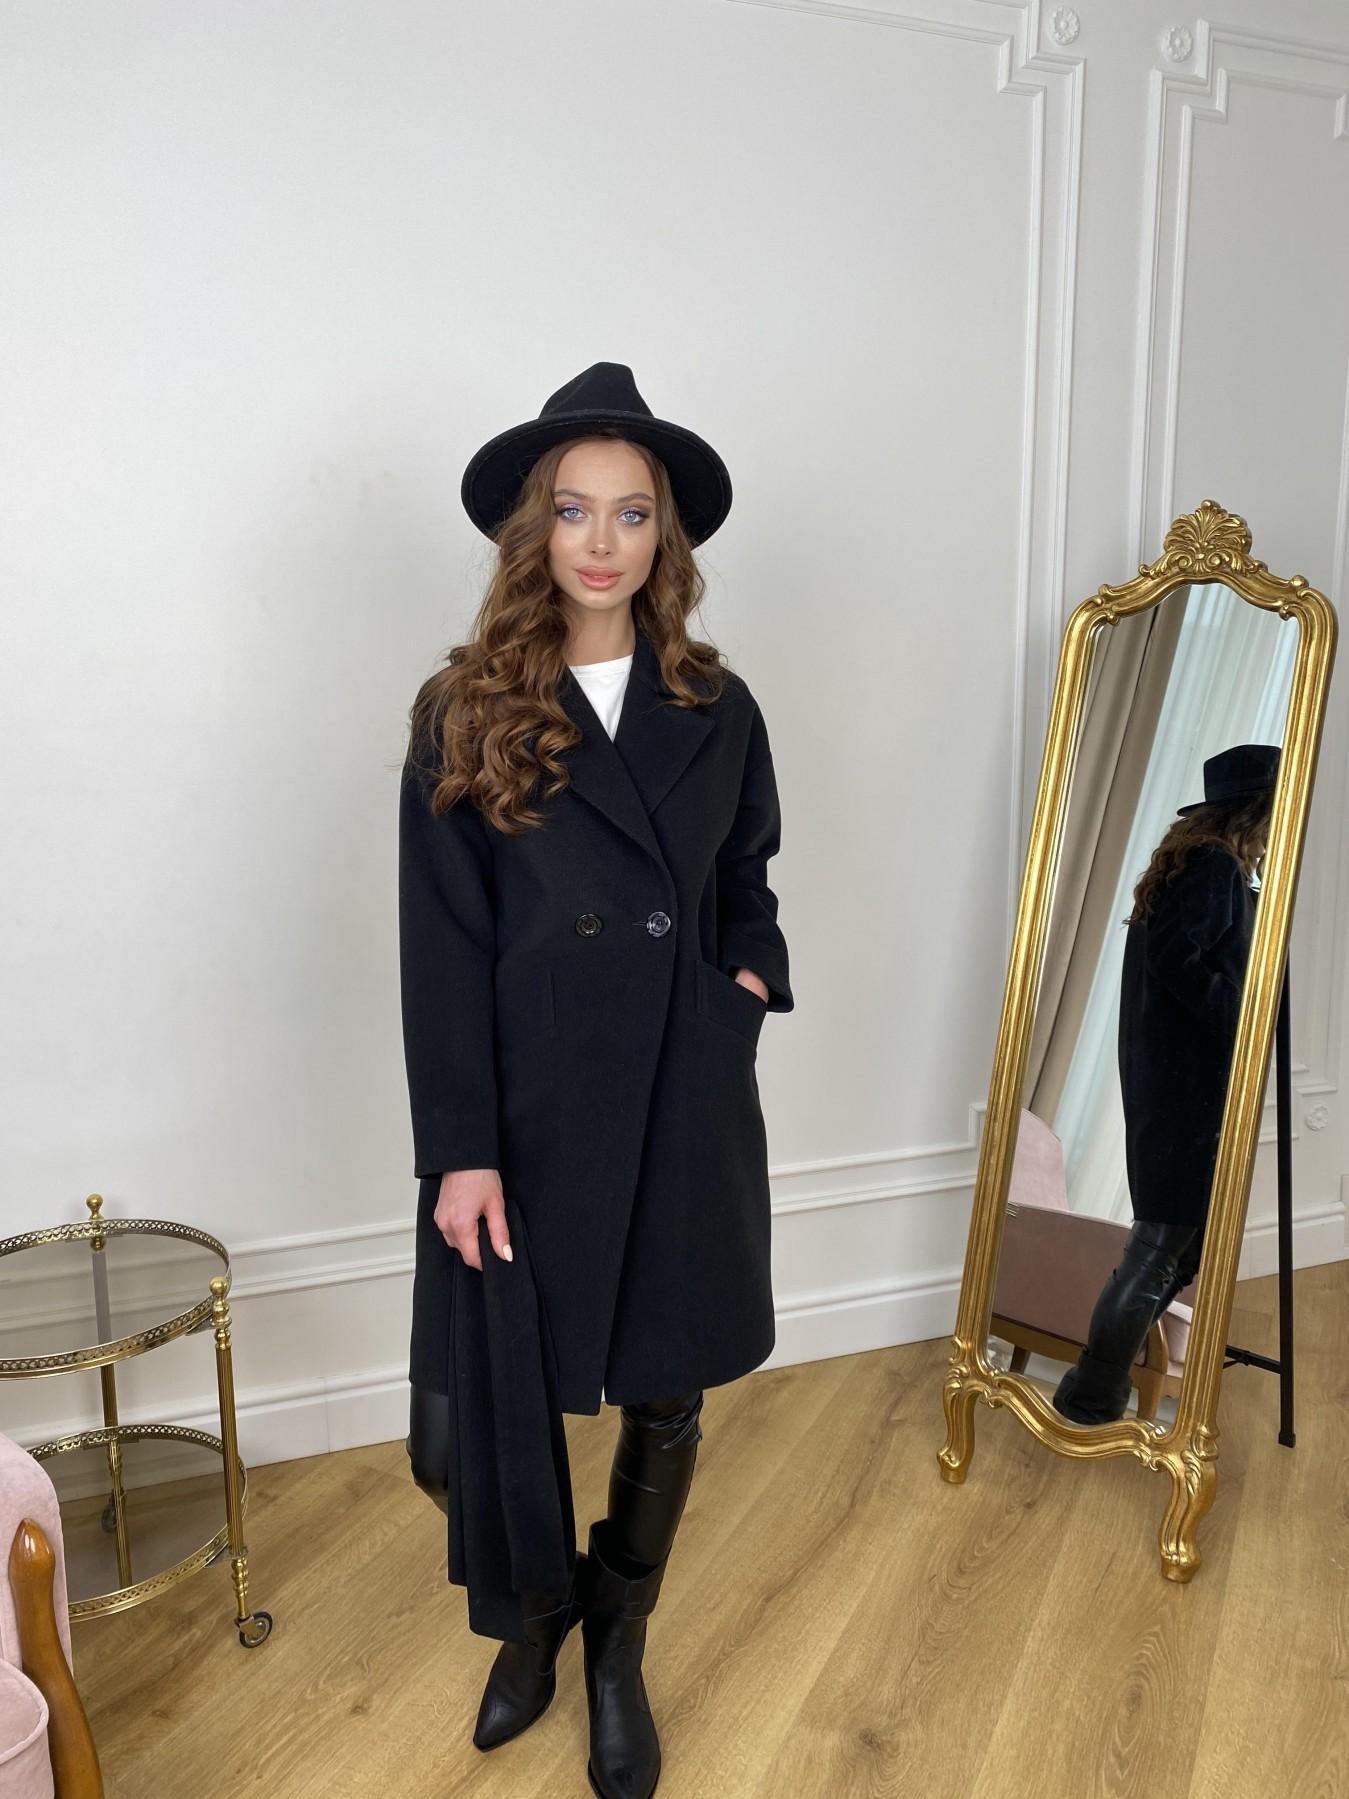 Сенсей пальто  из гладкого кашемира 10905 АРТ. 47370 Цвет: Черный - фото 1, интернет магазин tm-modus.ru